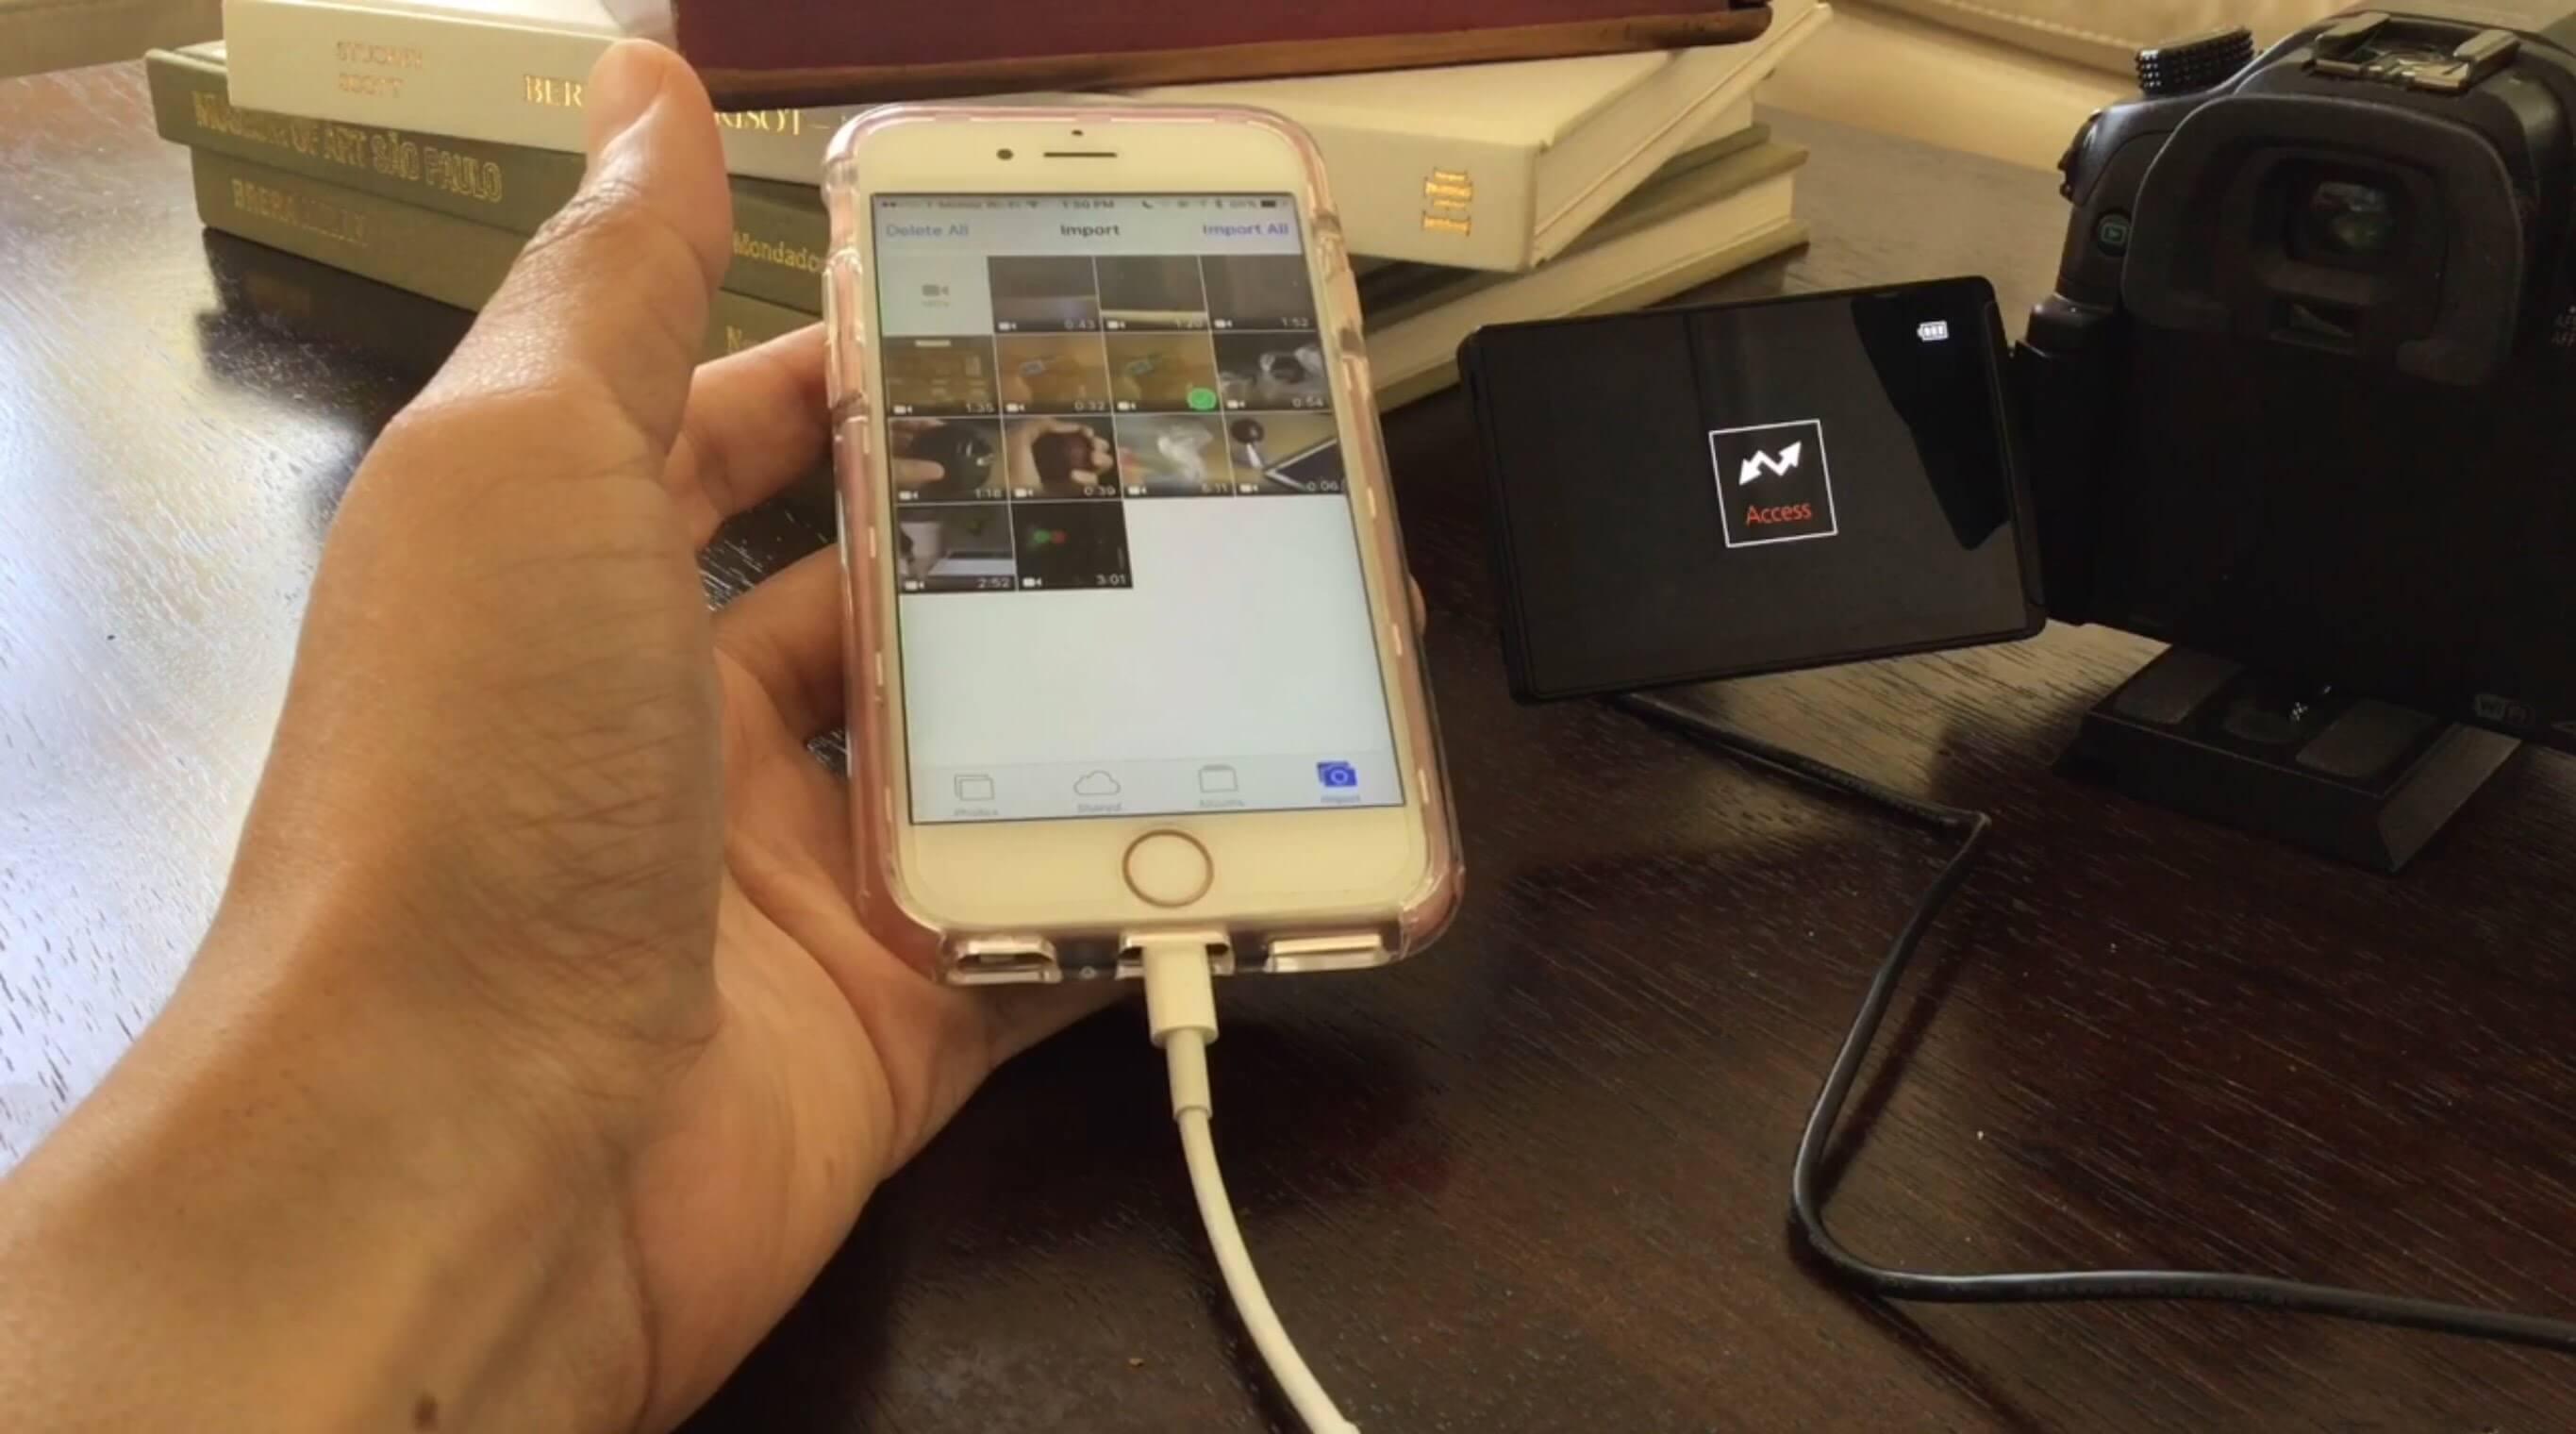 Poradnik – Jak przenieść zdjęcia z aparatu do iPhone'a.